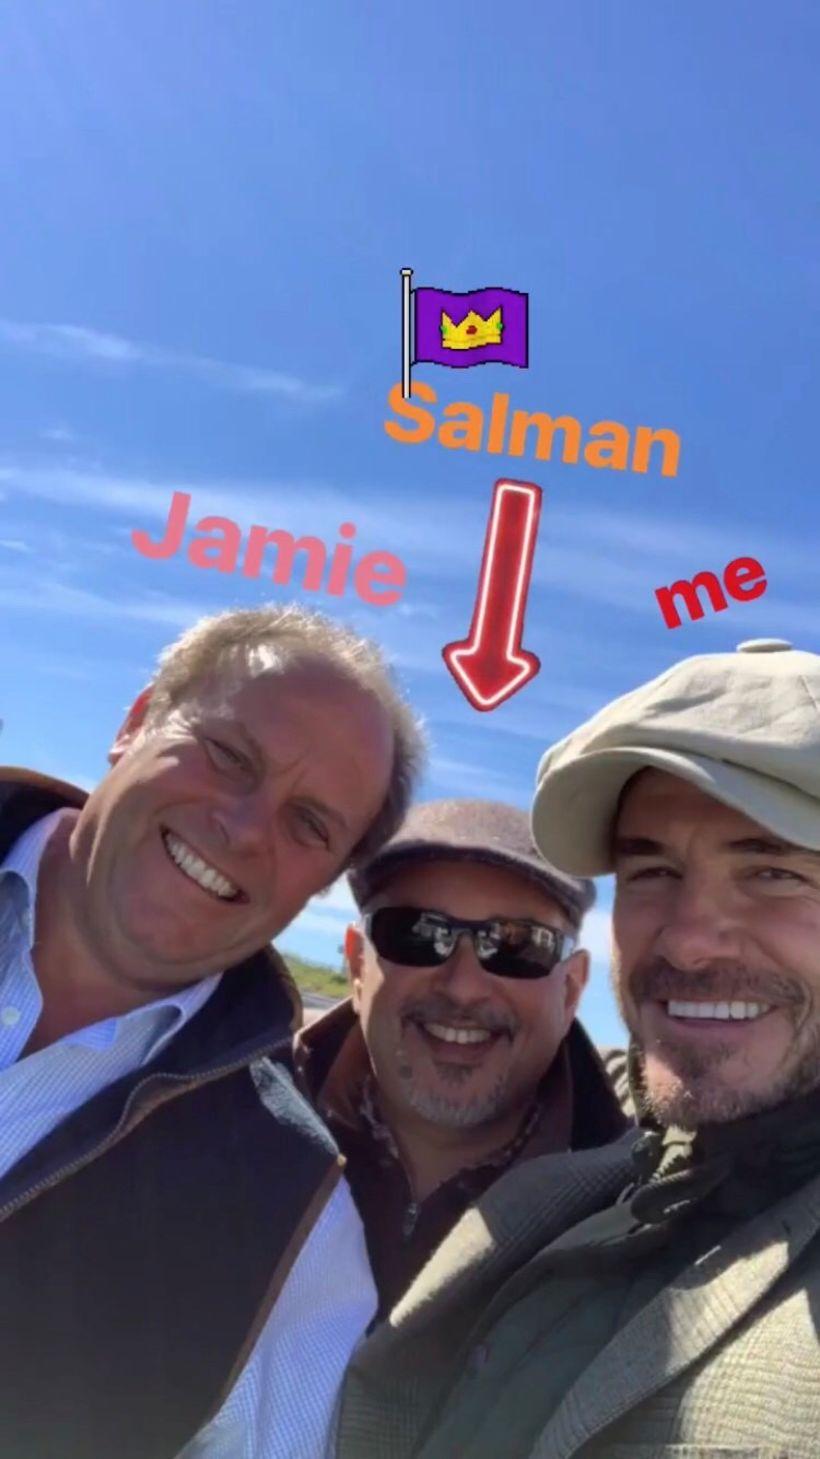 Beckham ásamt Salman og Jamie.